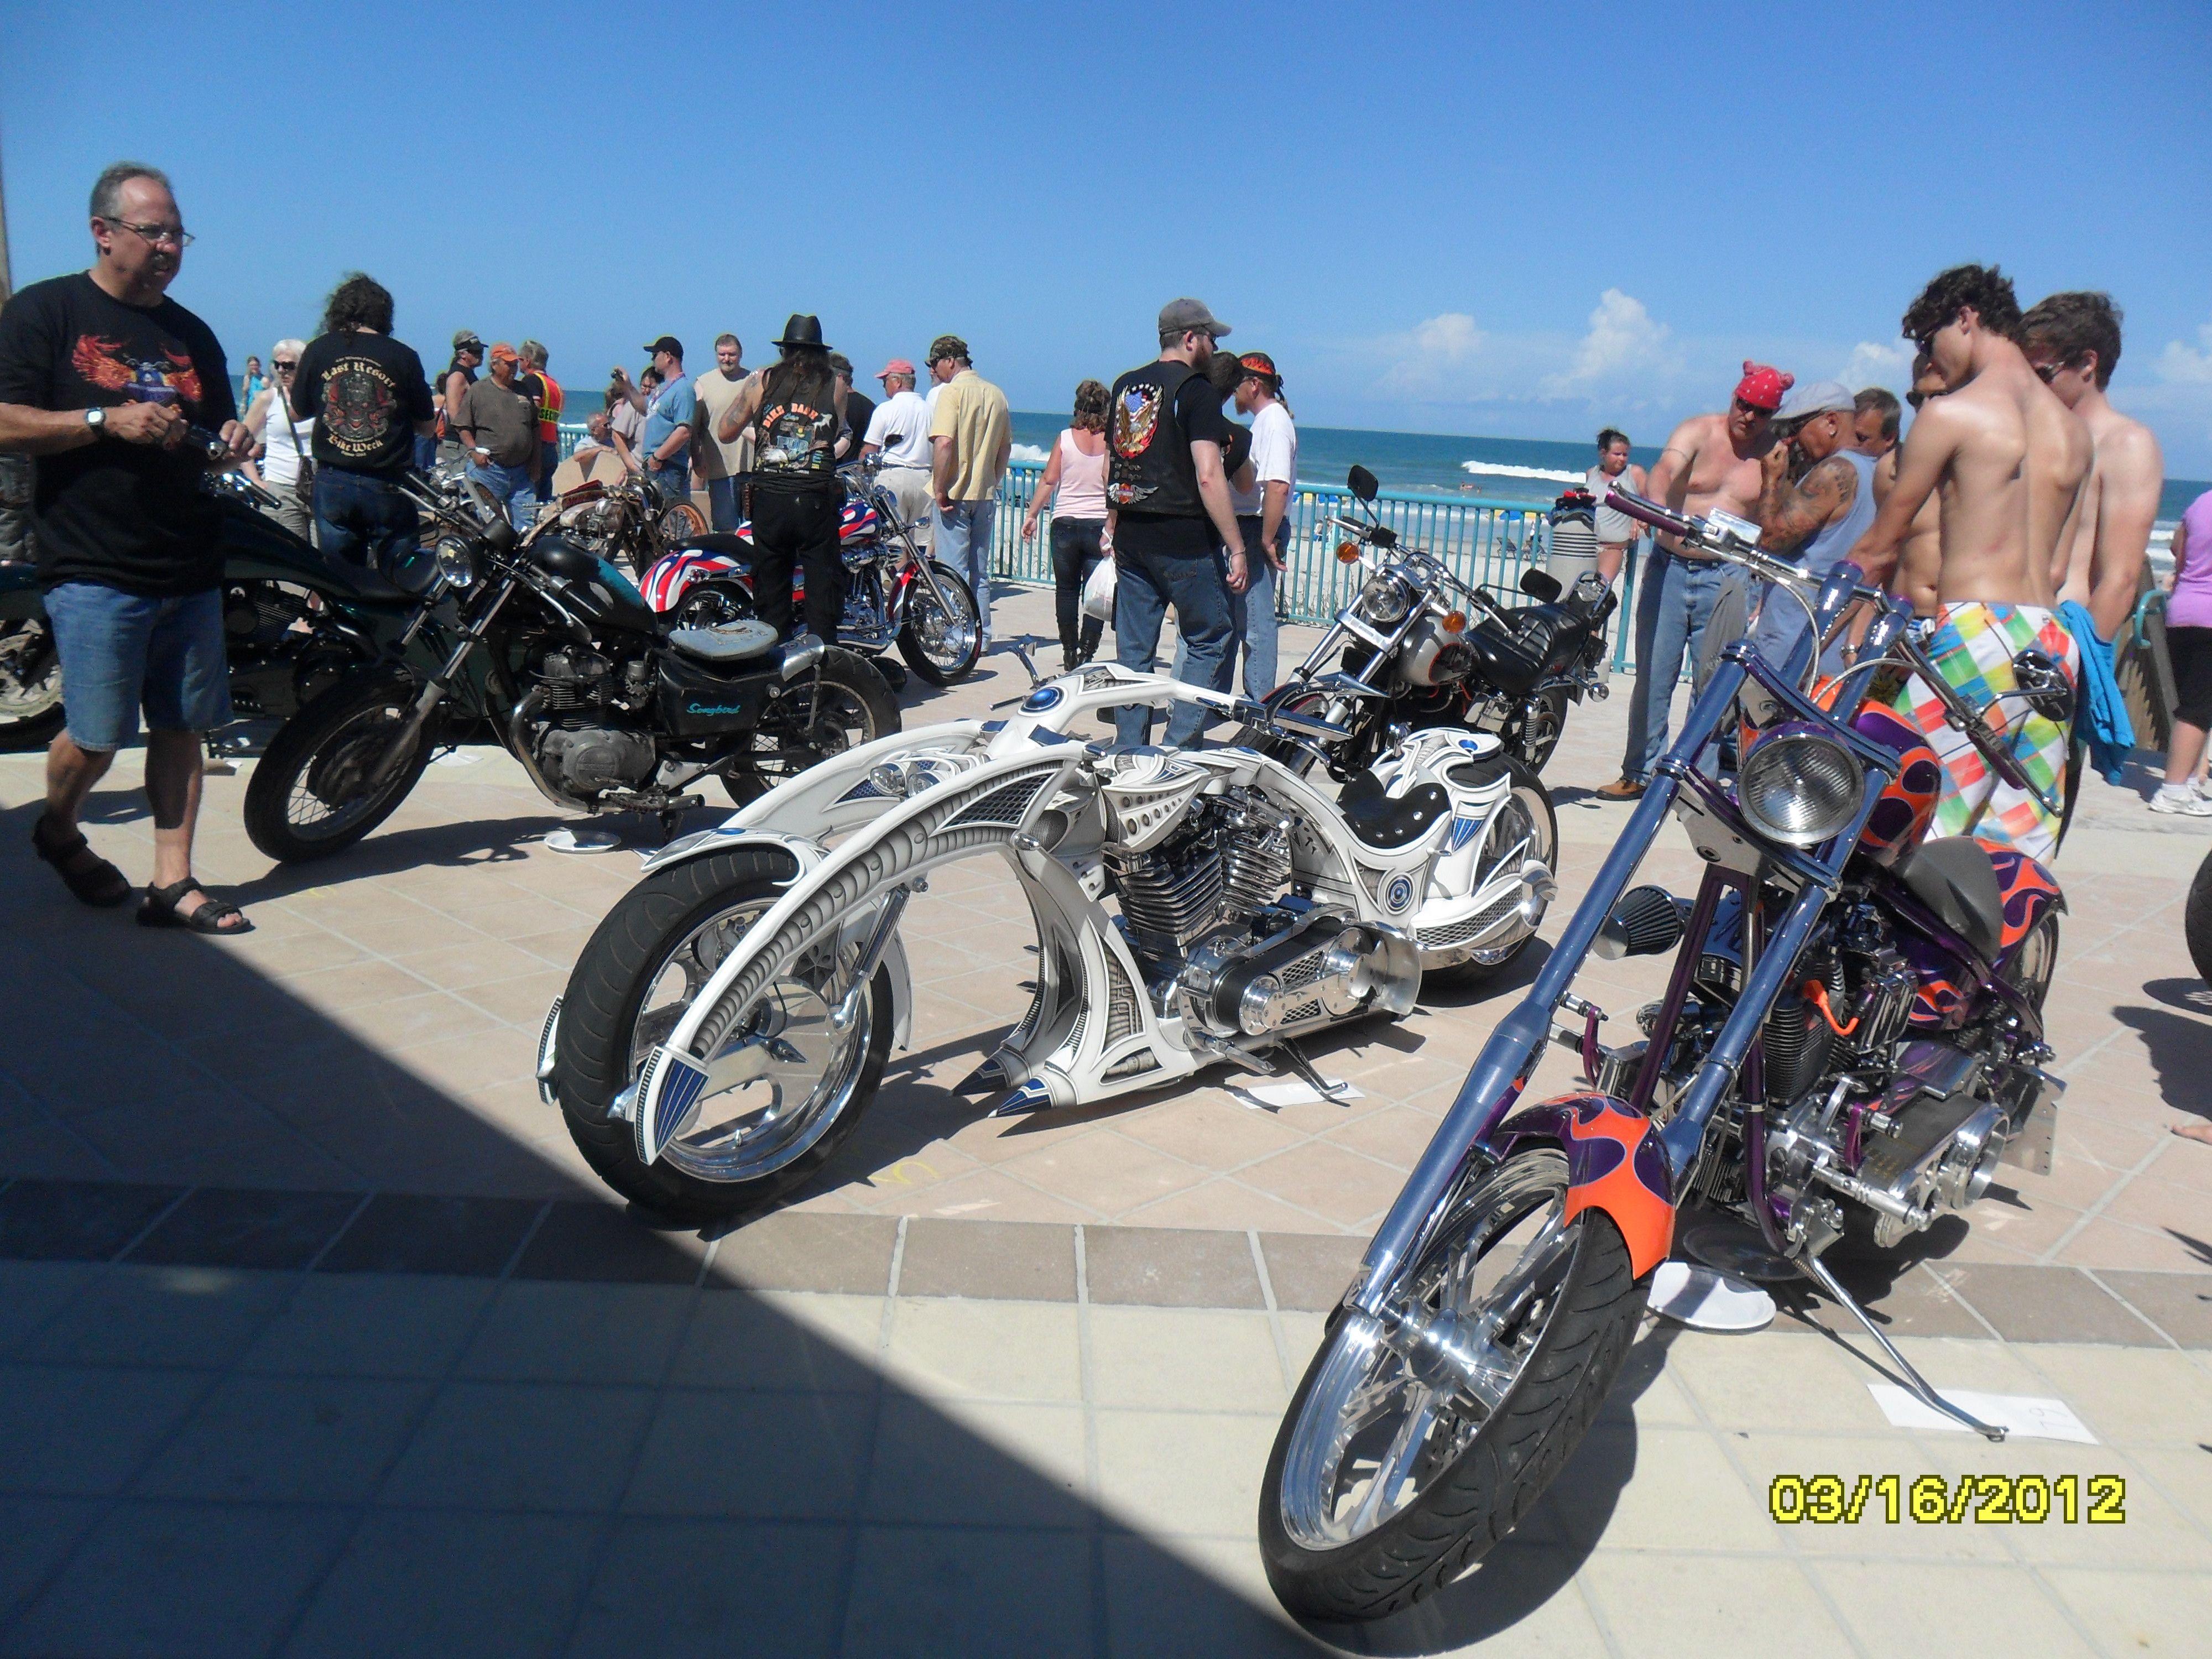 Daytona beach bike week daytona beach bike week beach